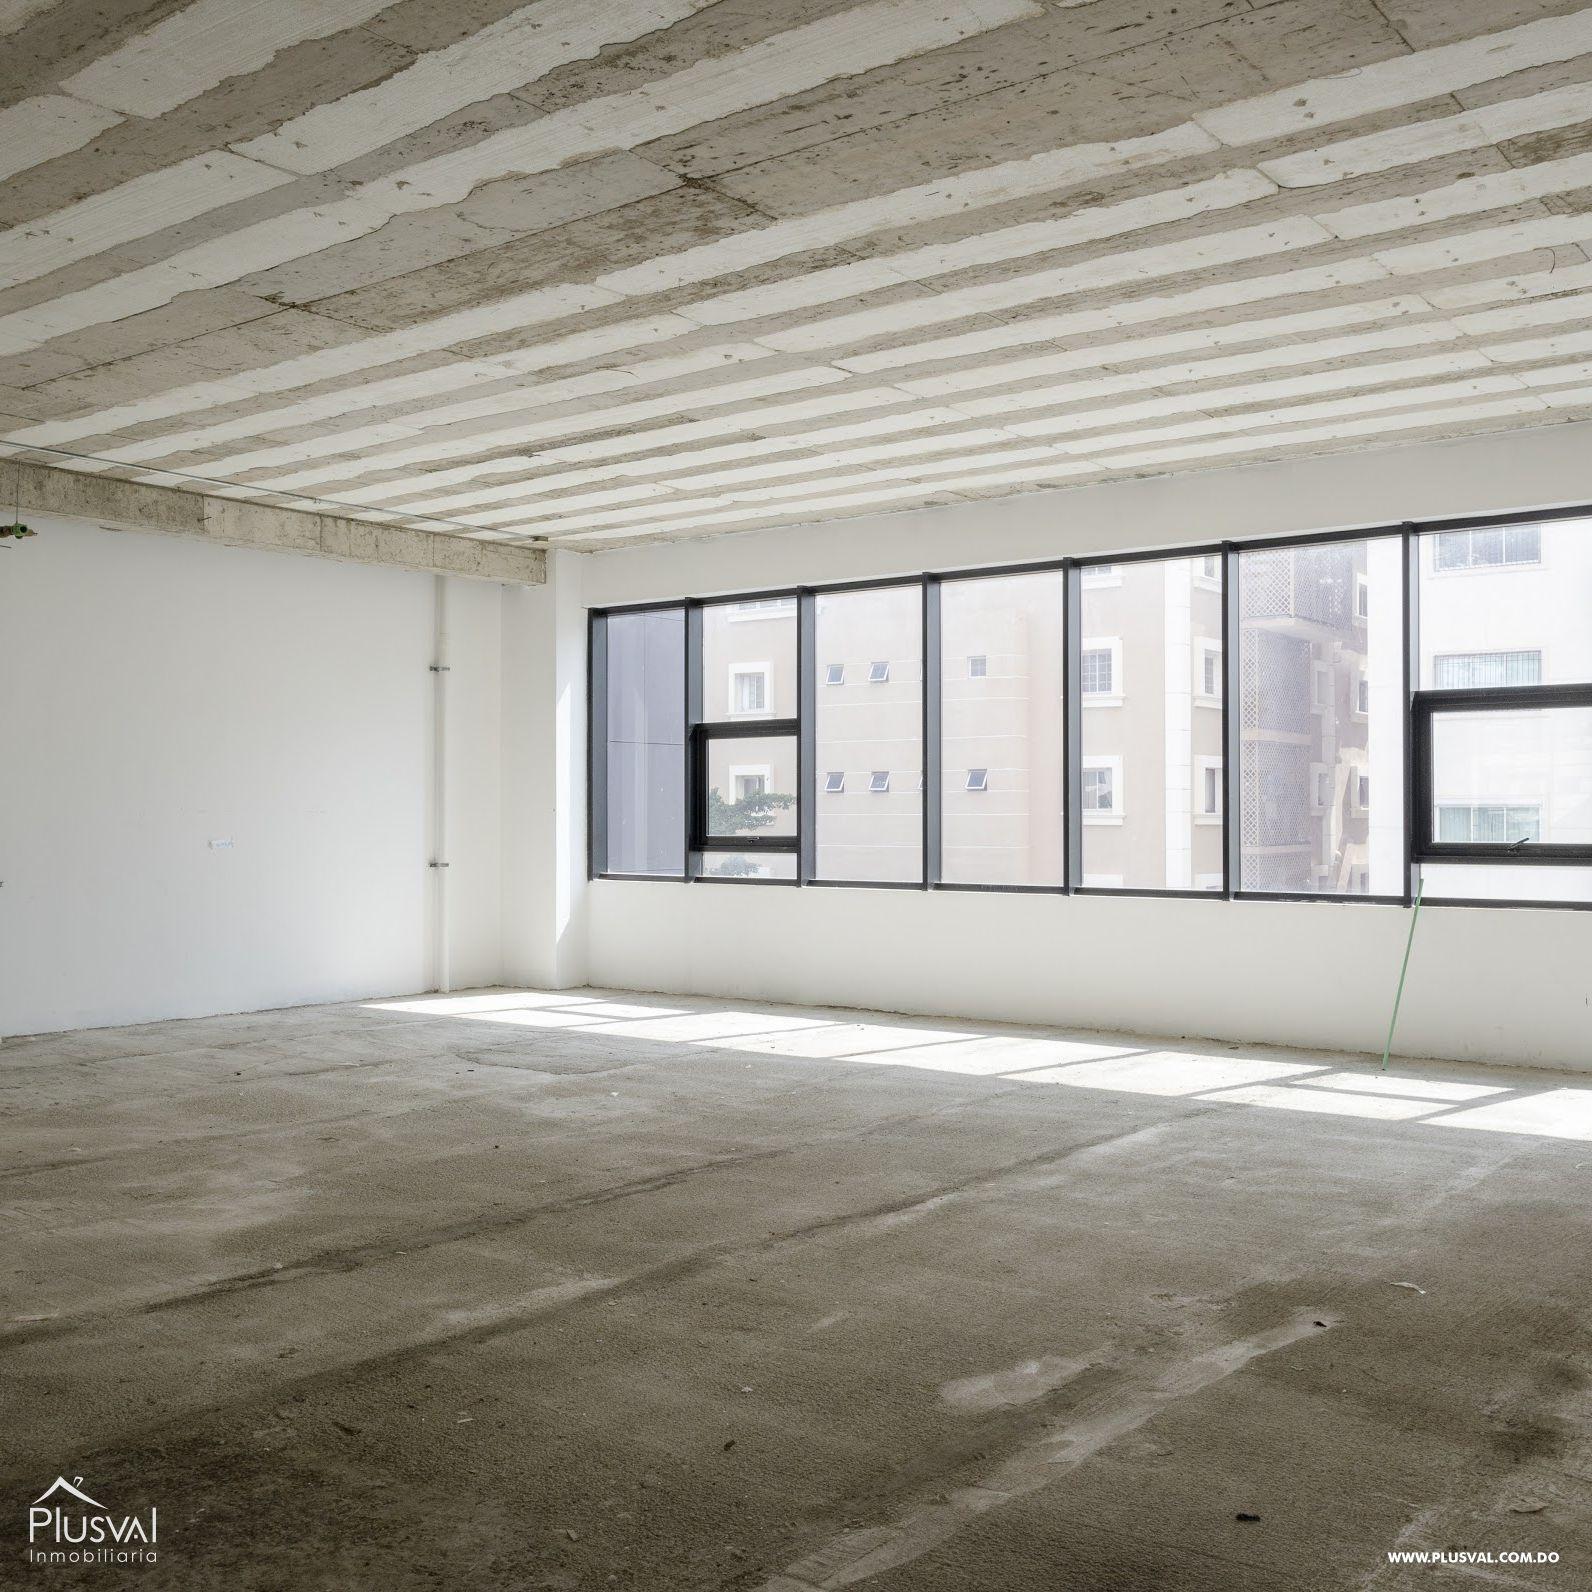 Edificio corporativo con espacios en alquiler en Avenida Abraham Lincoln 147321